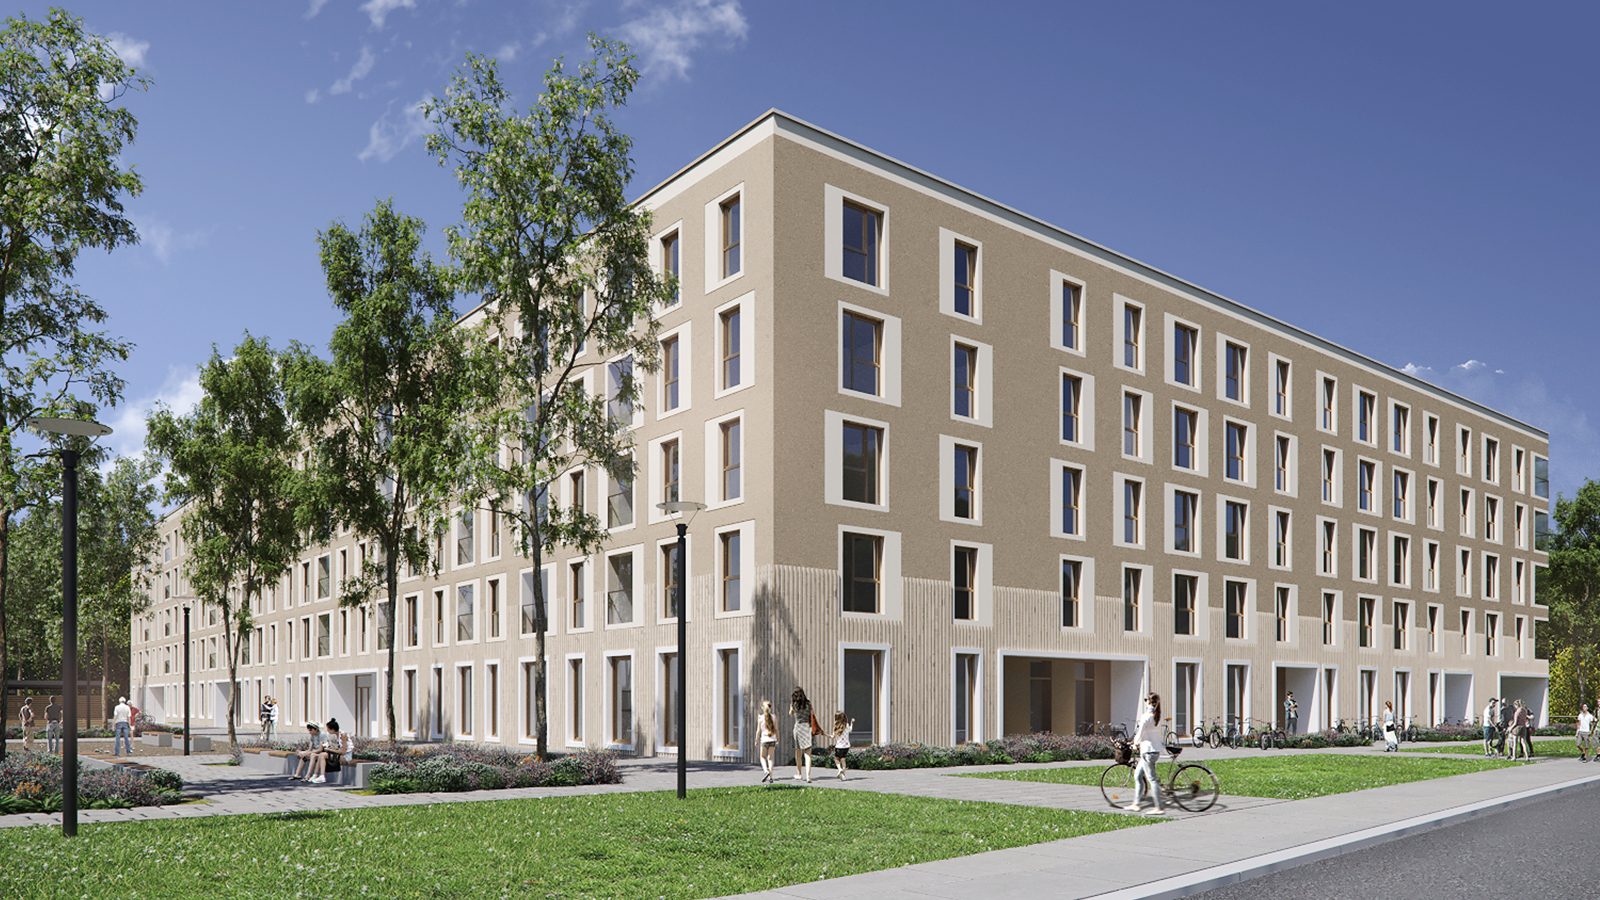 h2m-architekten-jaminpark-erlangen-WA1-perspektive-nord-ost